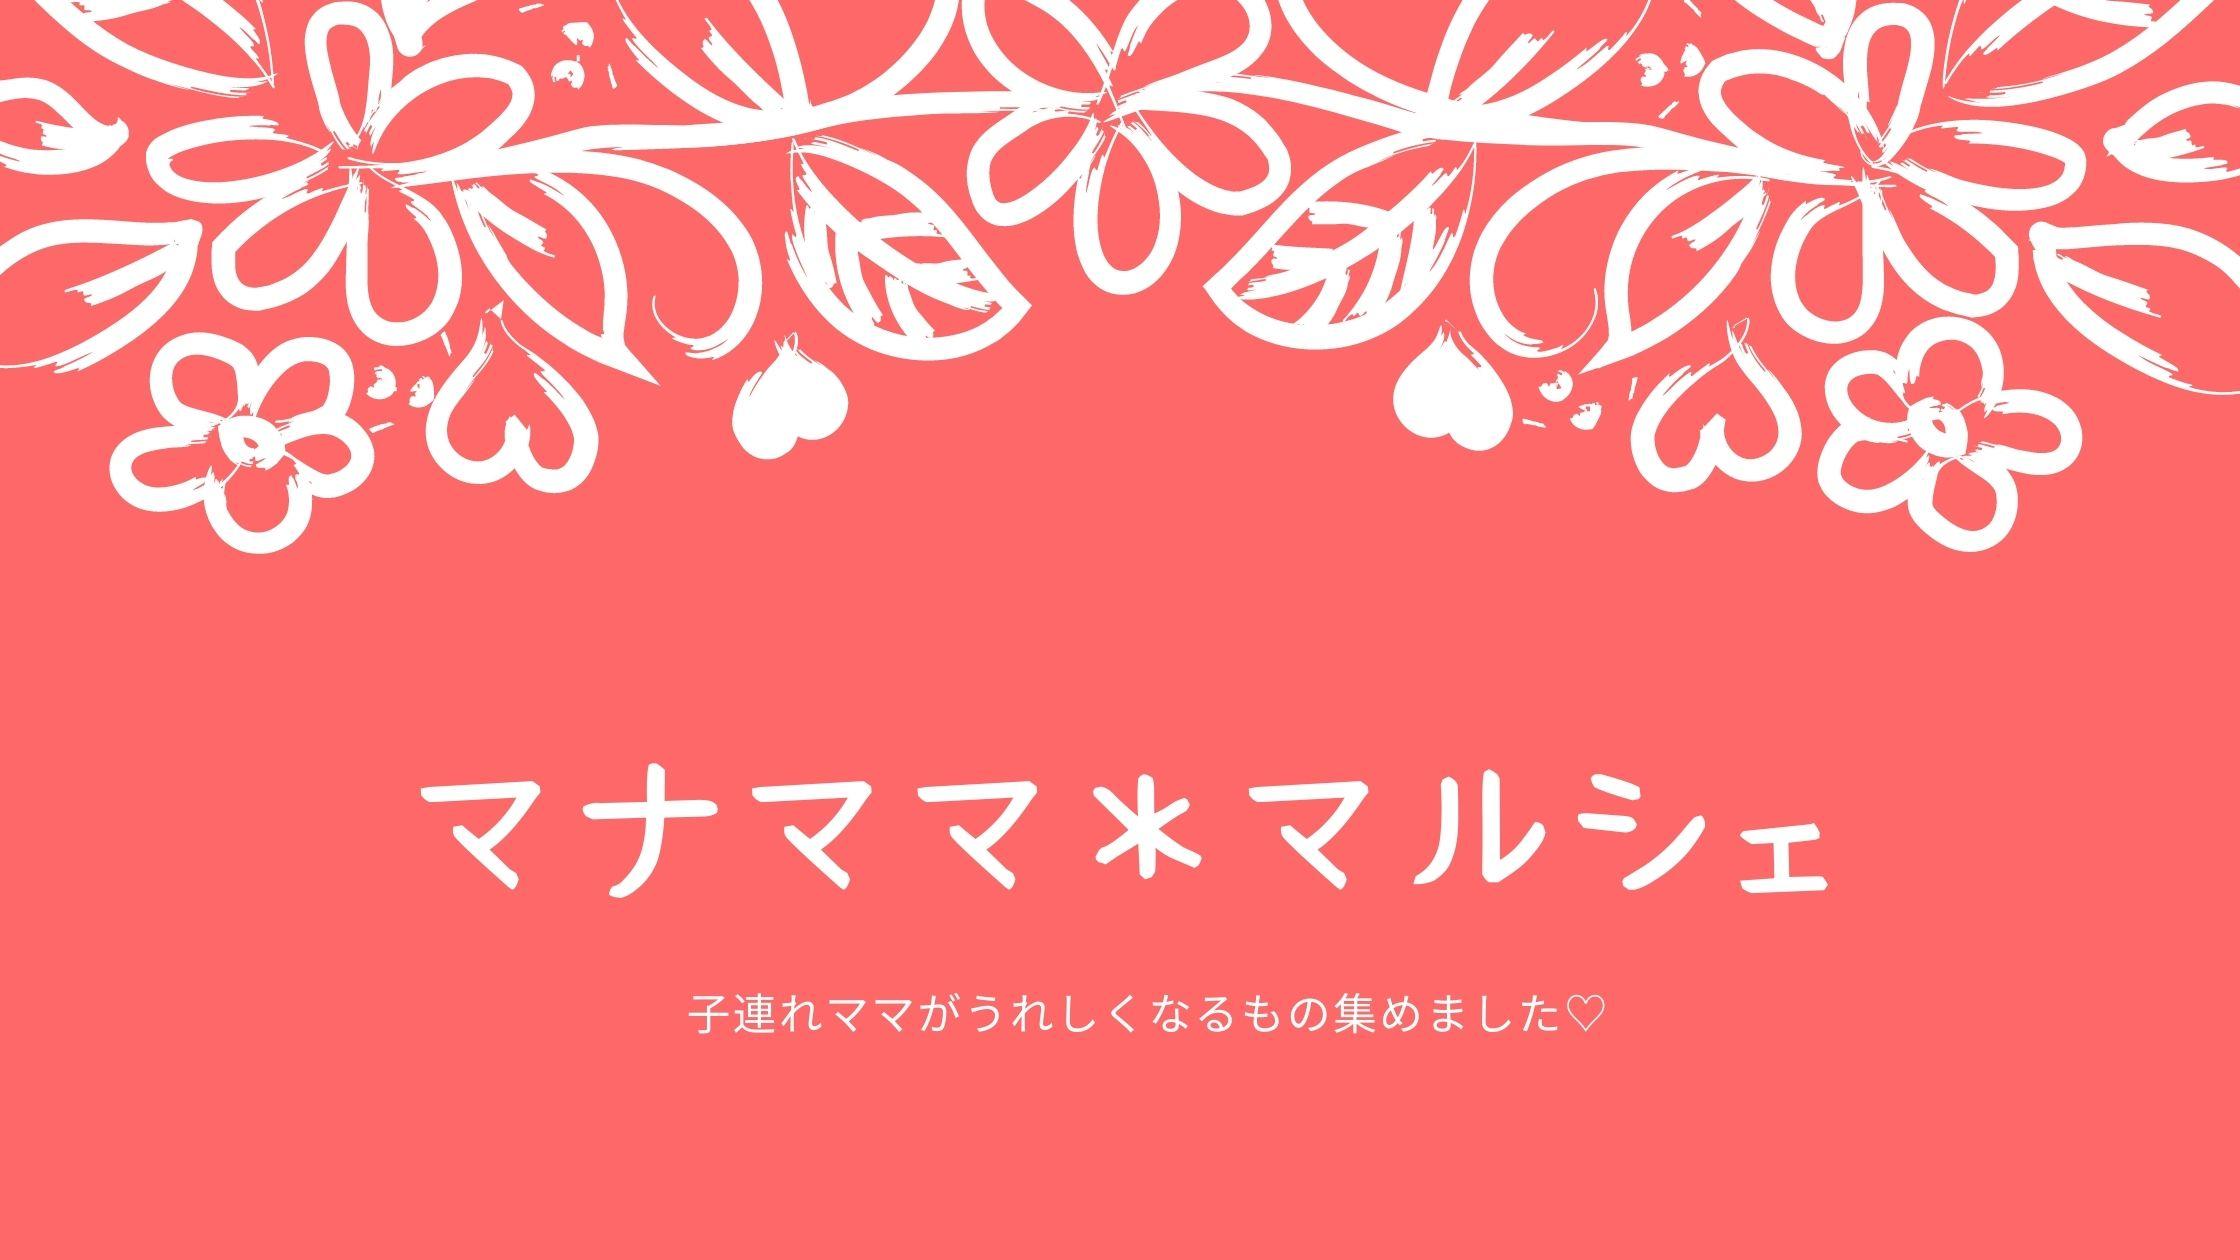 【お休みのお知らせ】 2/1 マナママ*マルシェ